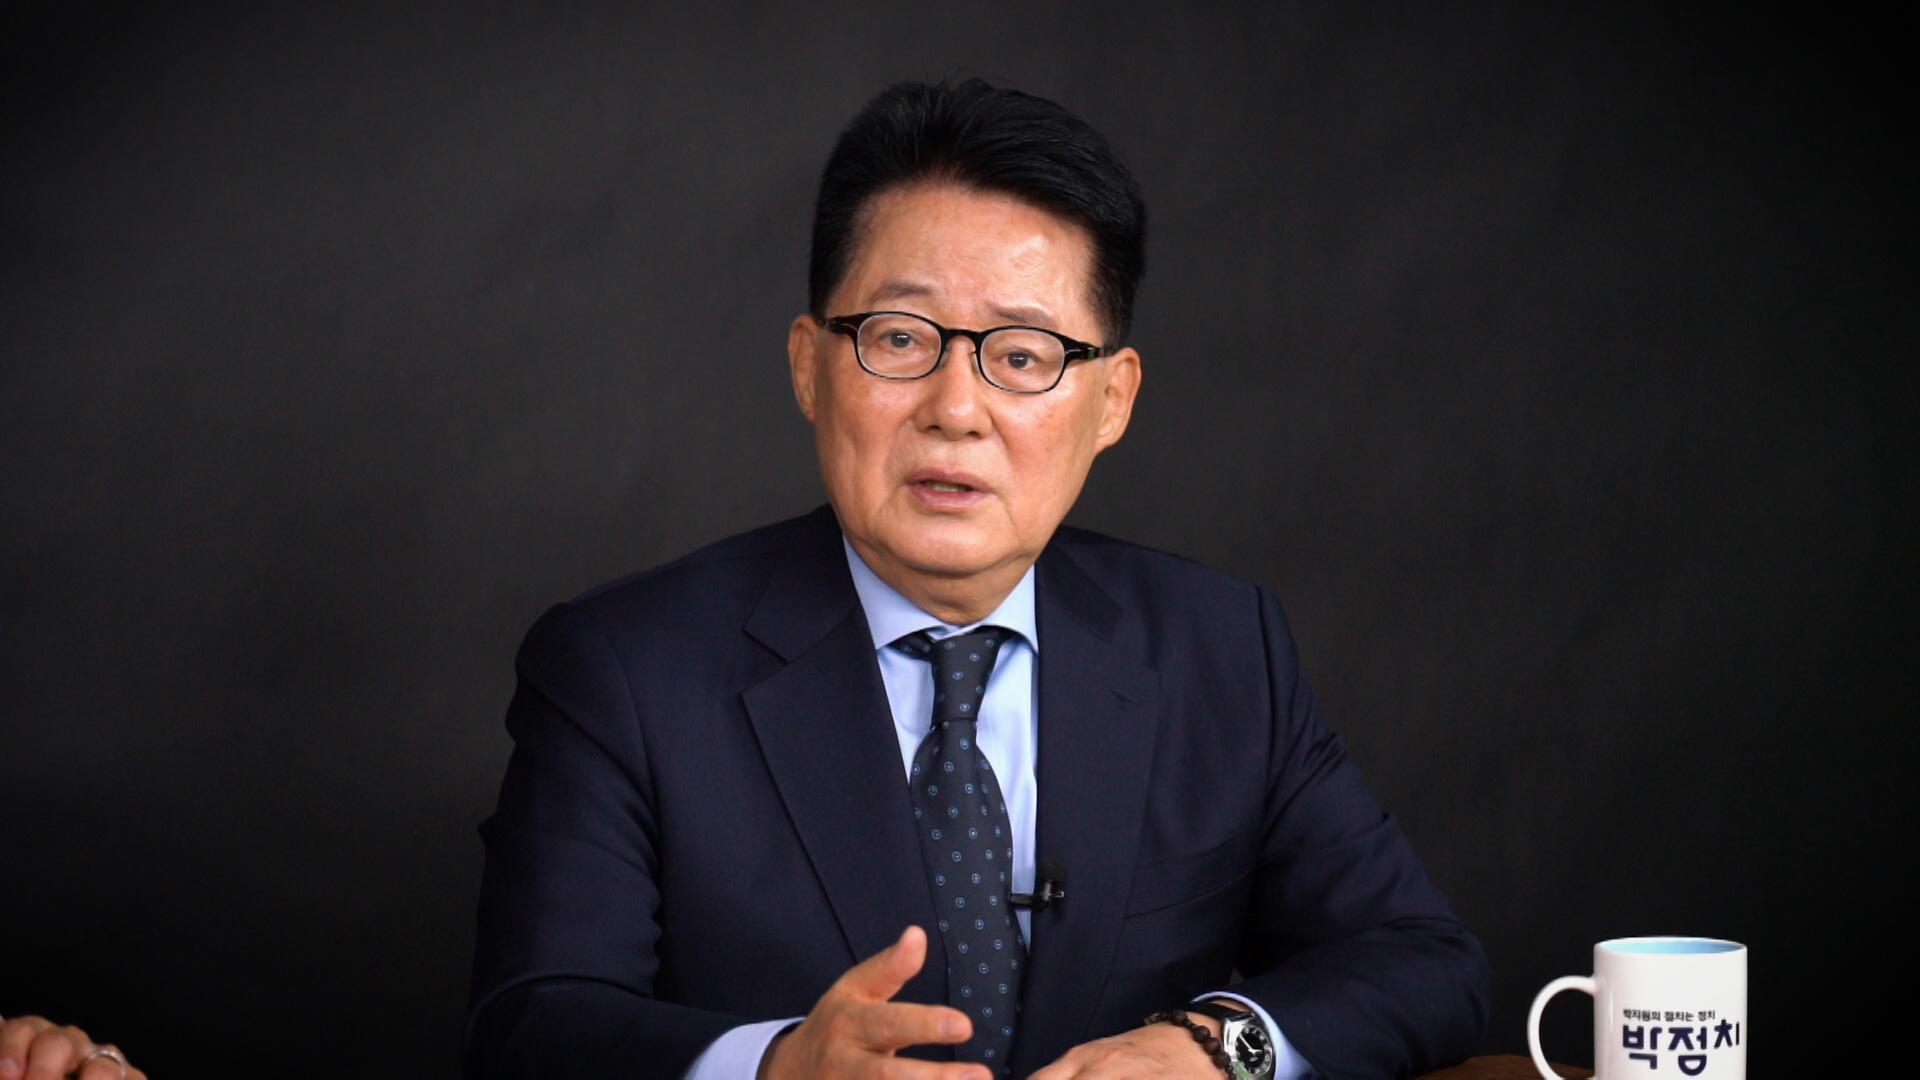 """박지원 """"지금이라도 중국인 입국 막아야… 신천지 21만명보다 많을지도"""""""